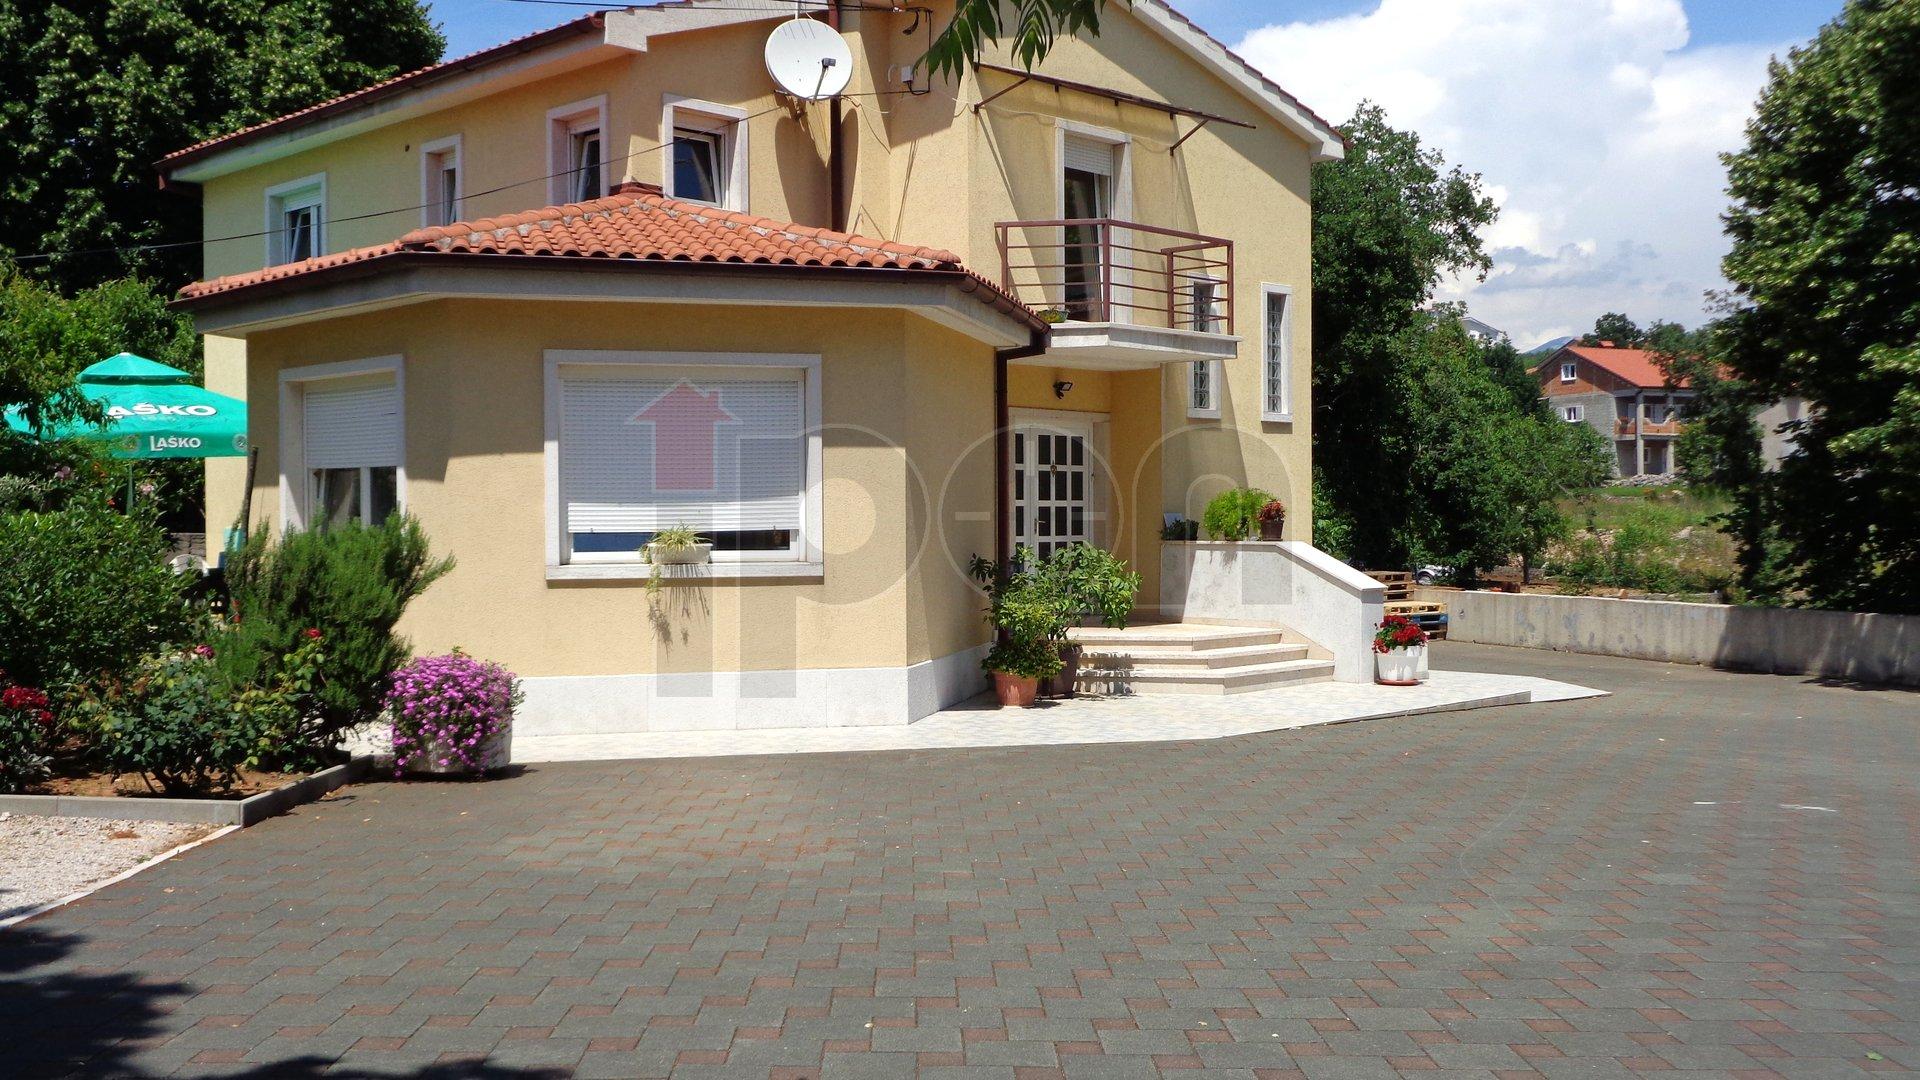 Hiša, 167 m2, Prodaja, Rijeka - Marinići